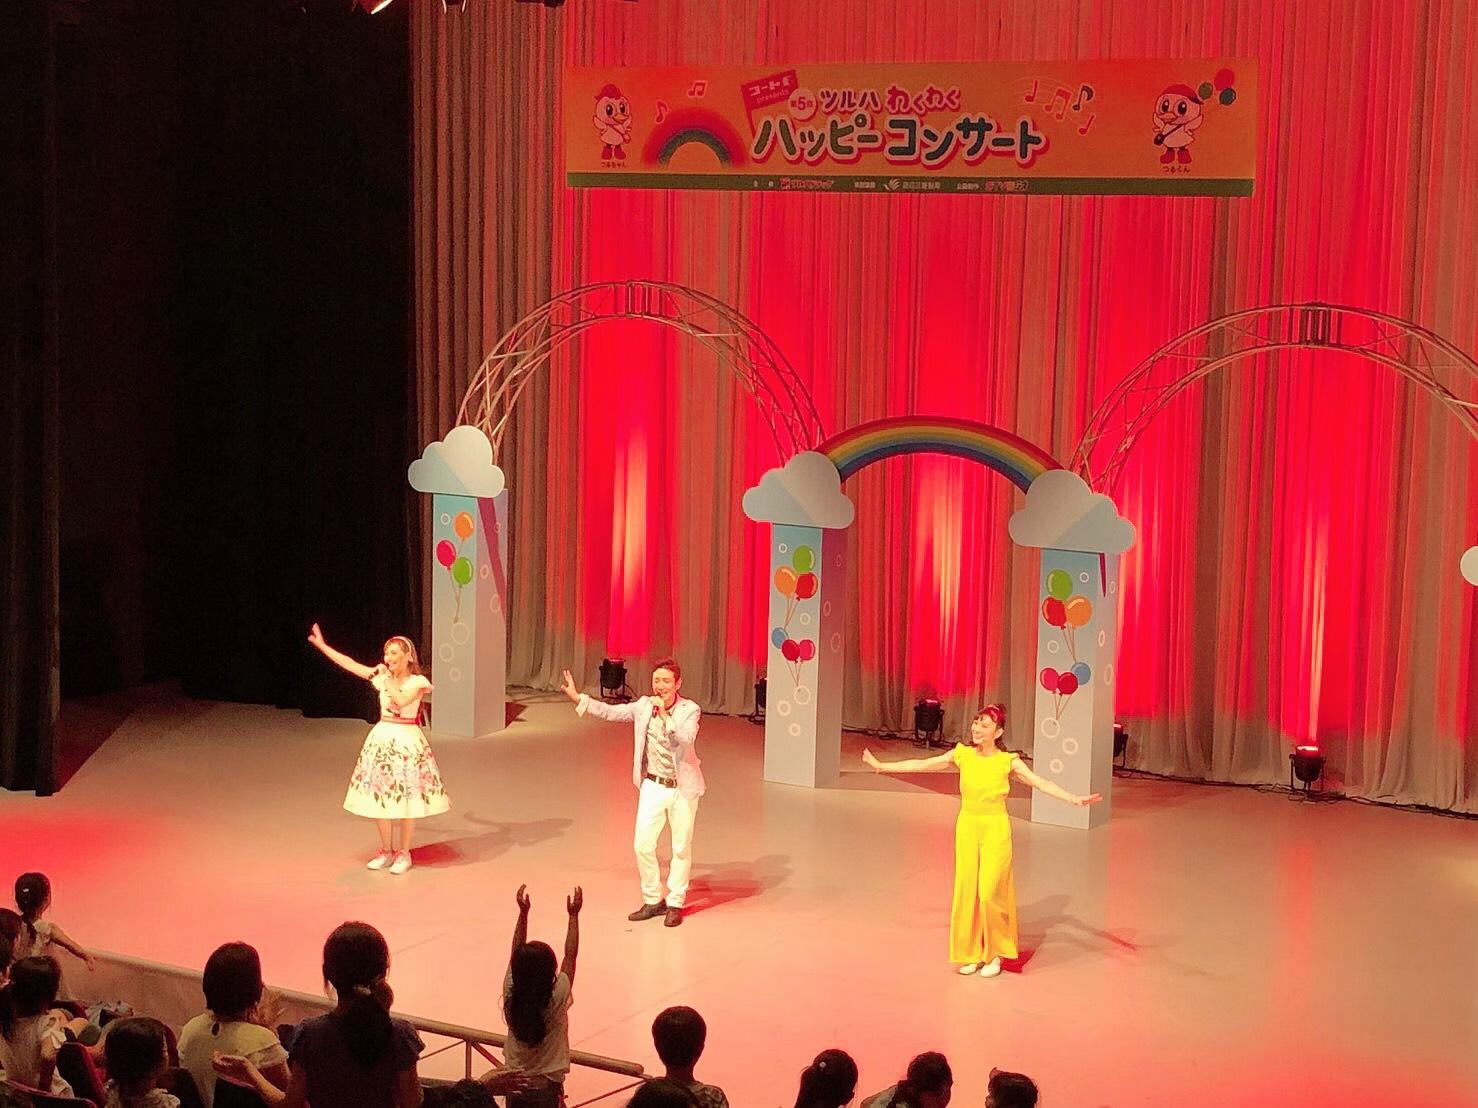 再 おかあさん と いっしょ 60 周年 放送 コンサート NHK「おかあさんといっしょ」60周年記念夏特番放送2019.8.12 (8.26再放送)